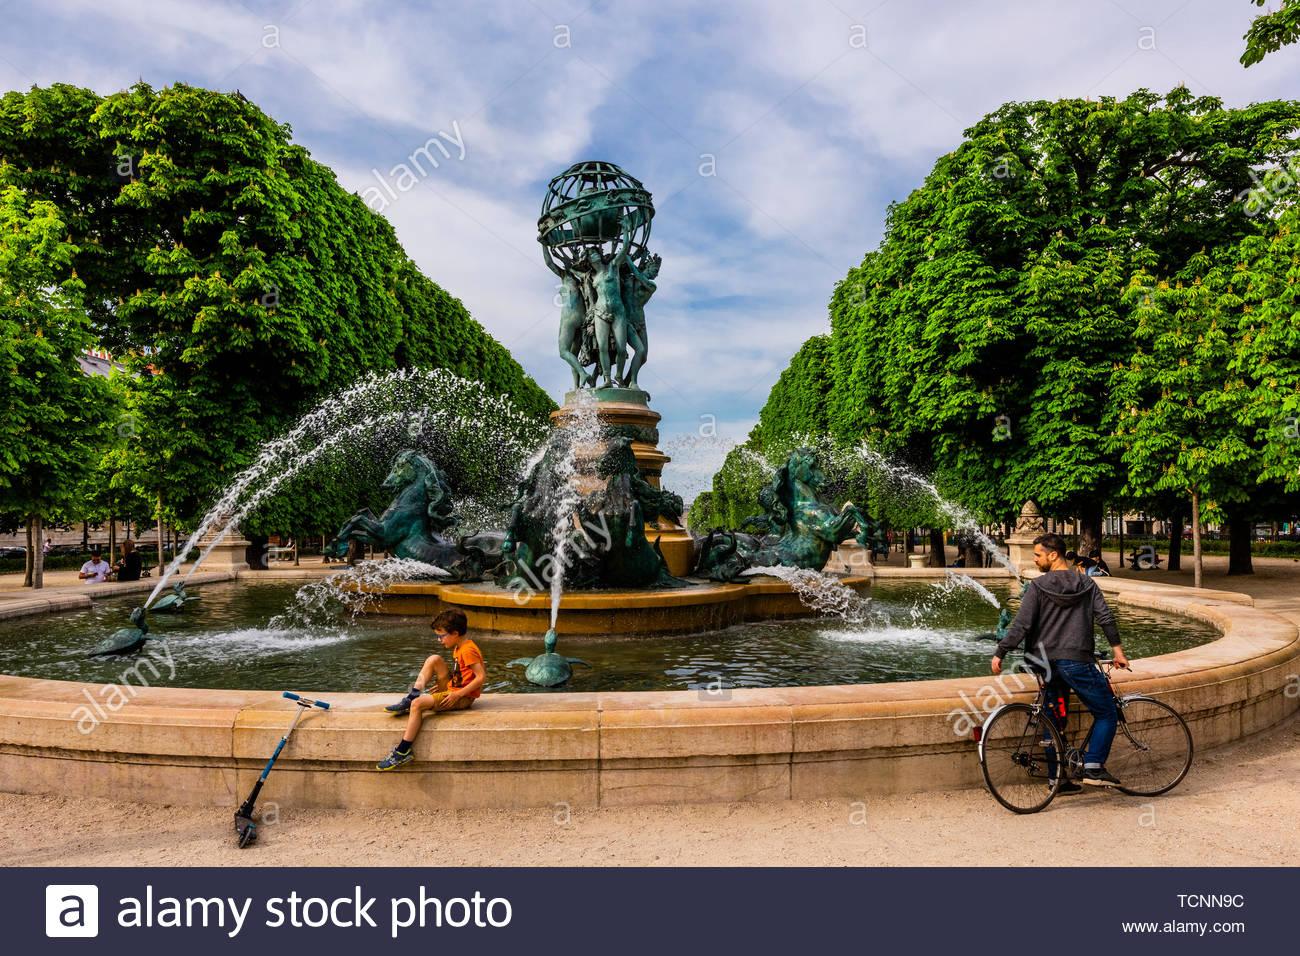 Water fountain (Fontaine des Quartre Parties du Monde), Jardins des Grands Explorateurs, adjacent to the Luxembourg Gardens, Paris, France. - Stock Image